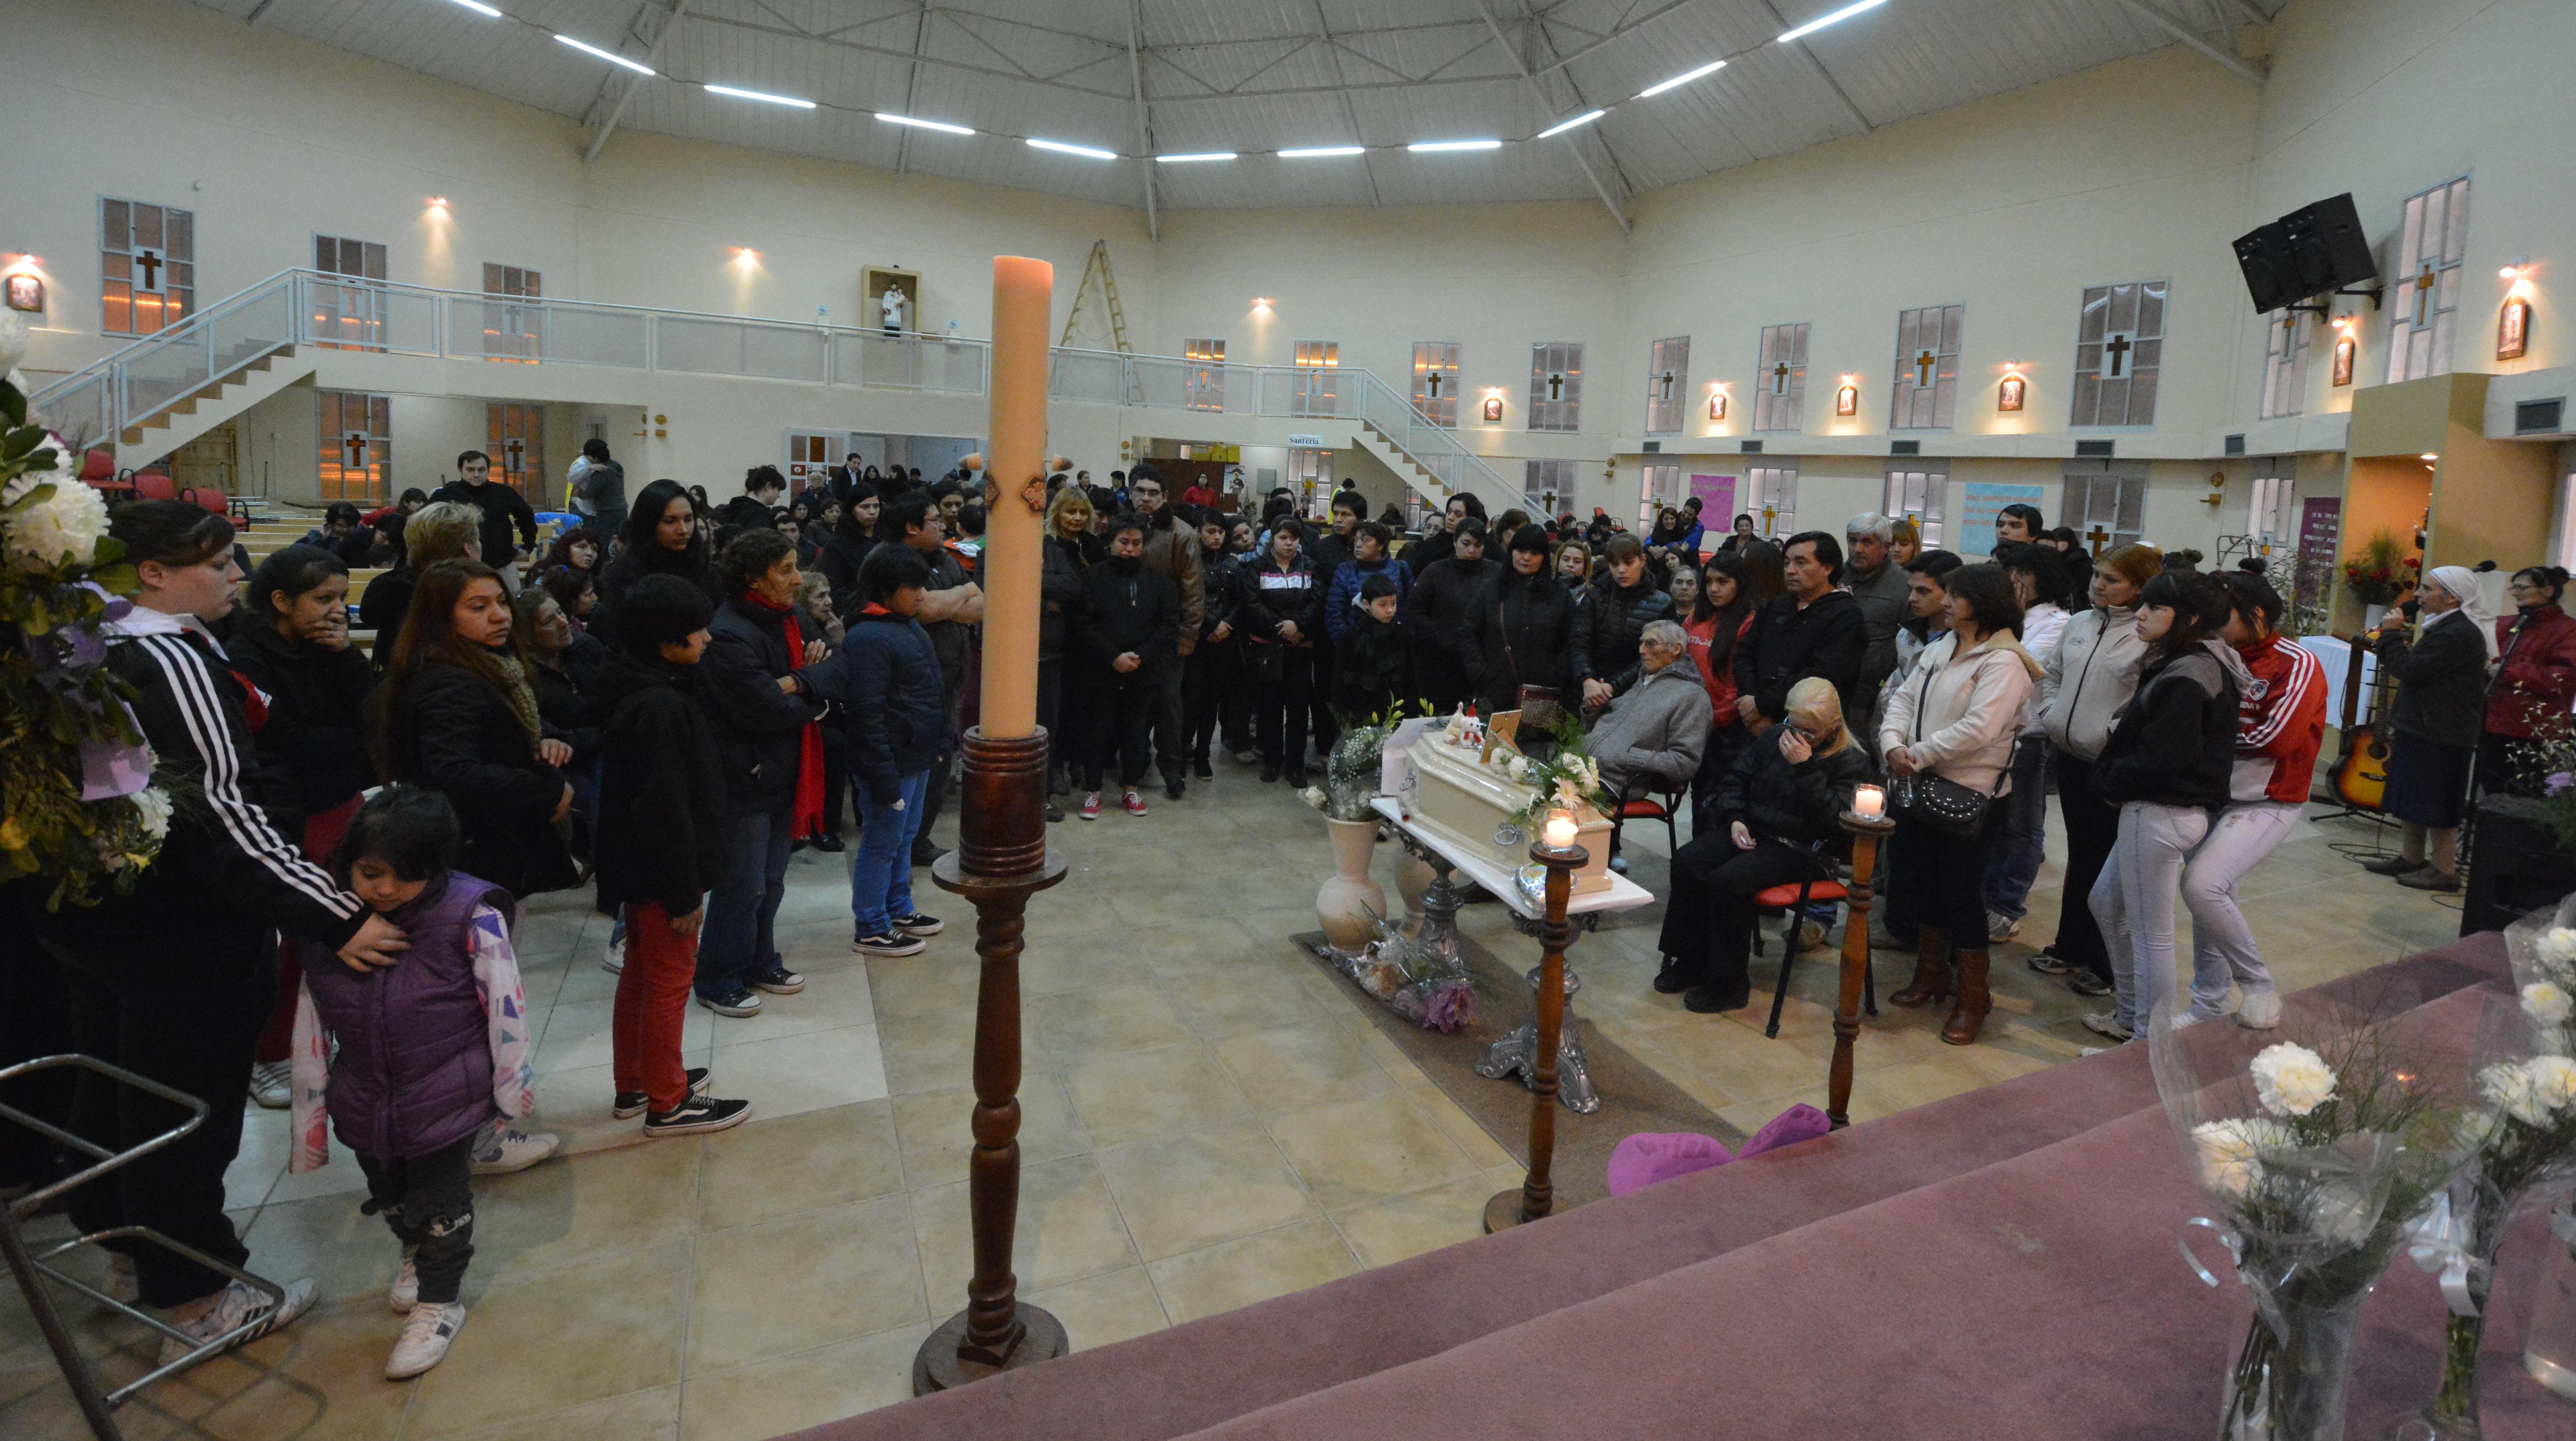 Dolor. El funeral de la beba fue multitudinario. FOTO:JOSÉ SILVA/LA OPINIÓN AUSTRAL